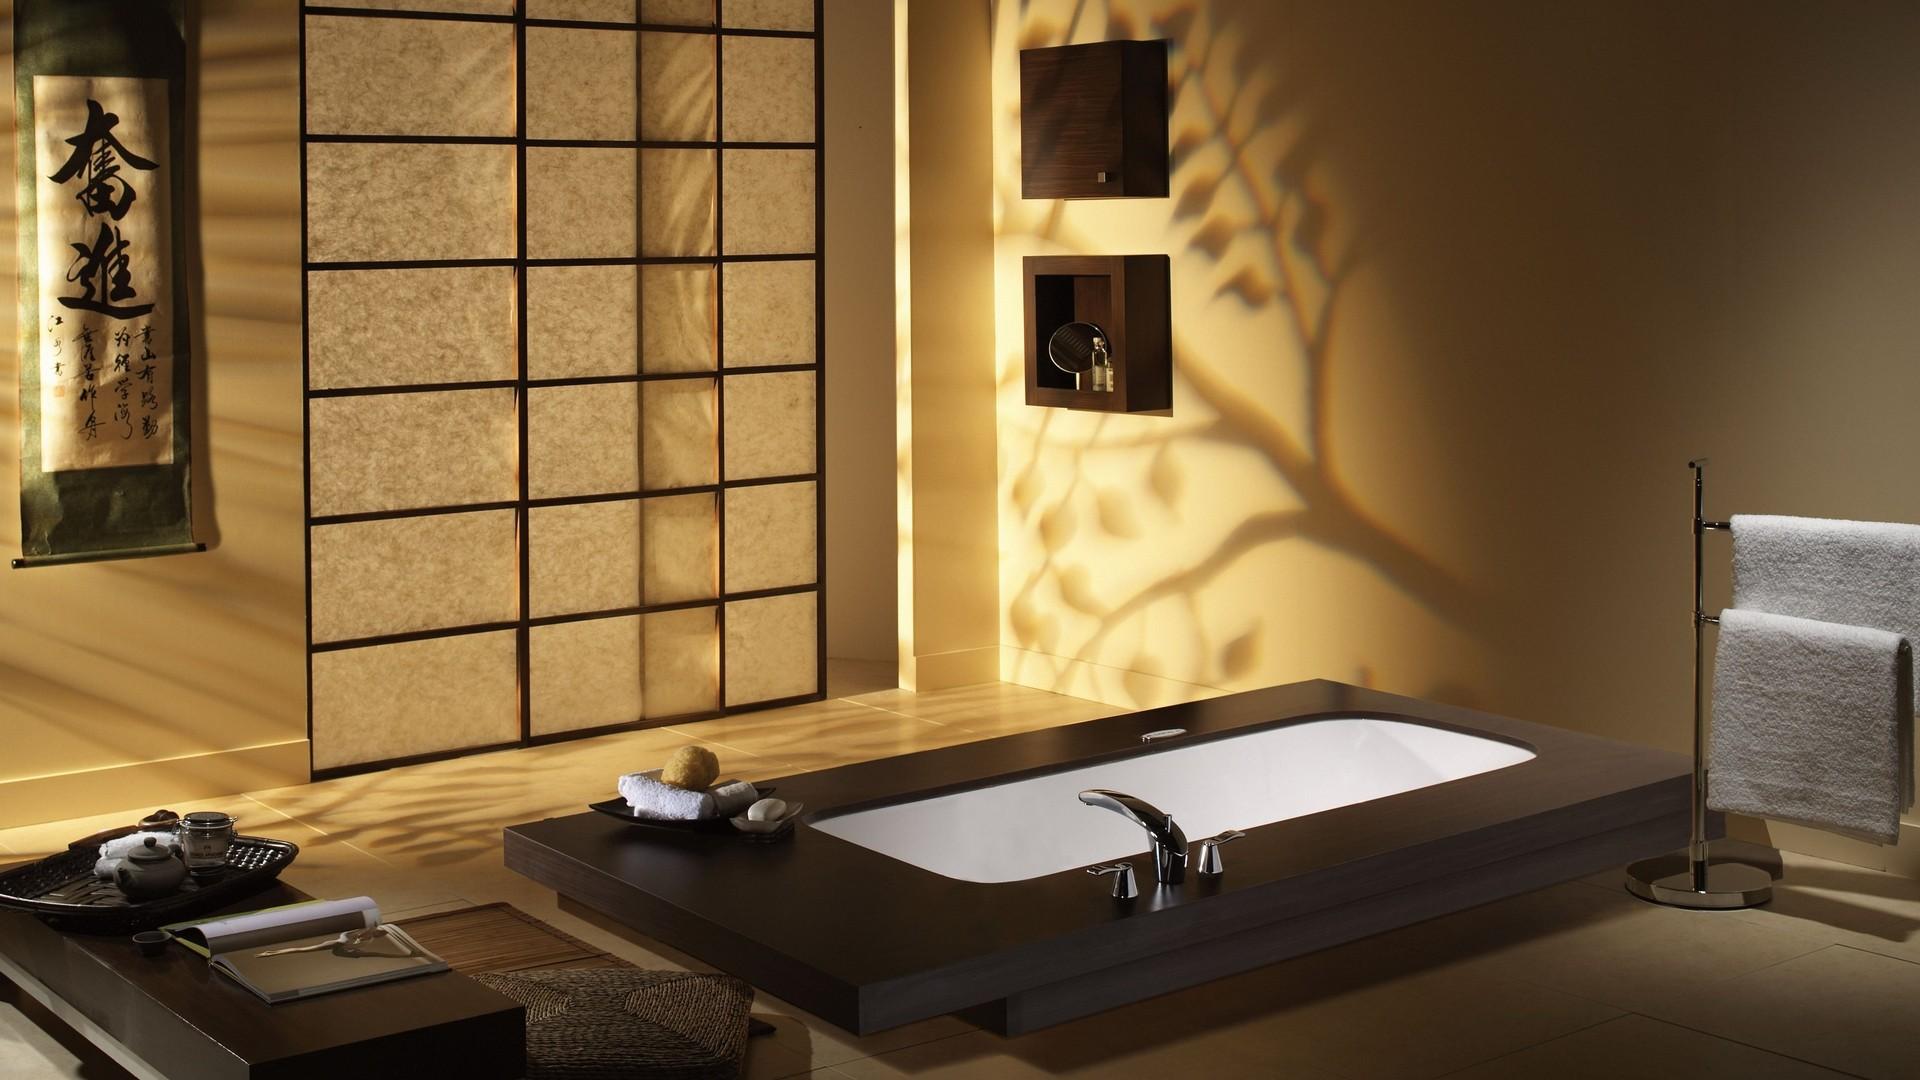 hintergrundbilder : japan, zimmer, innere, badewanne